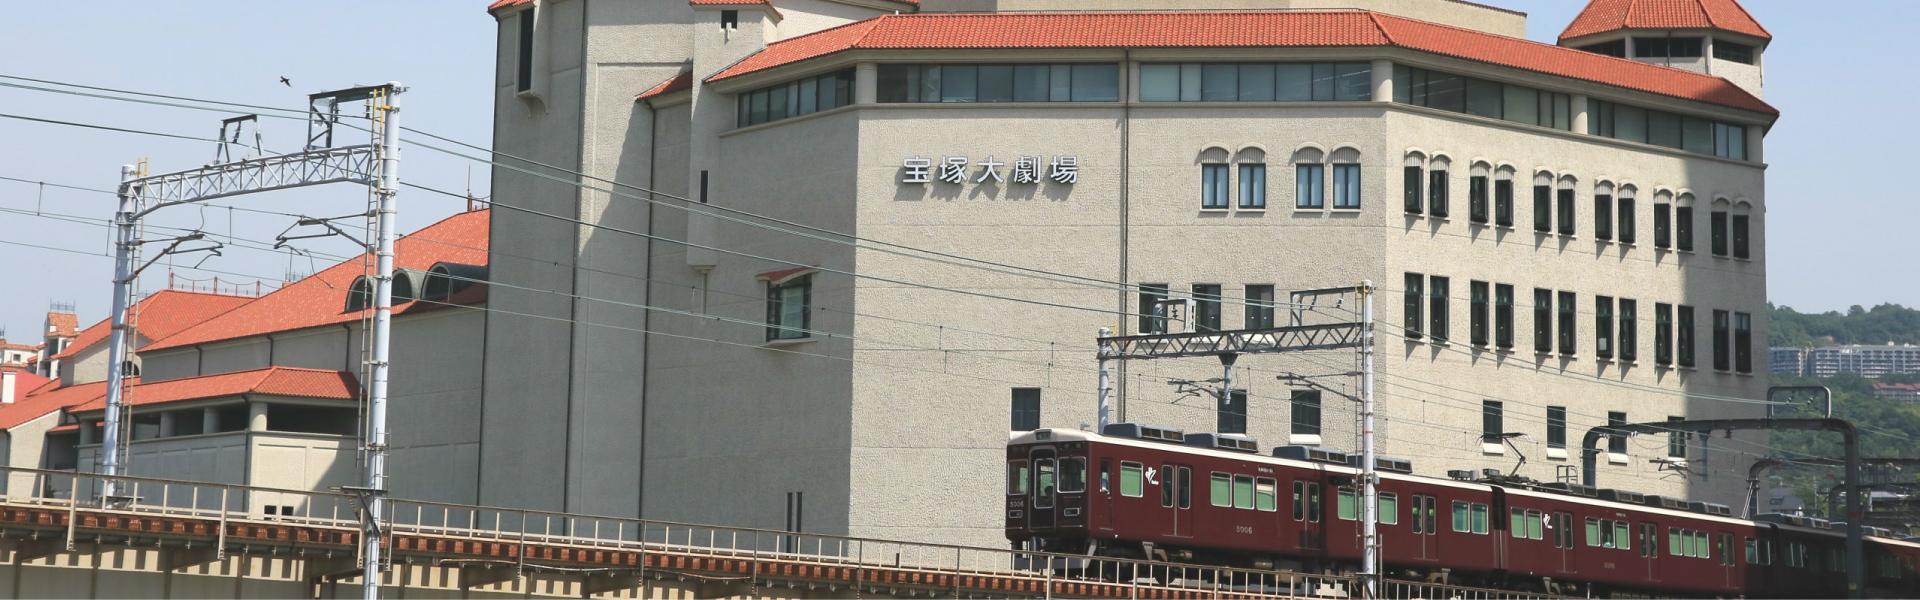 阪急沿線 駅直結マンション特集